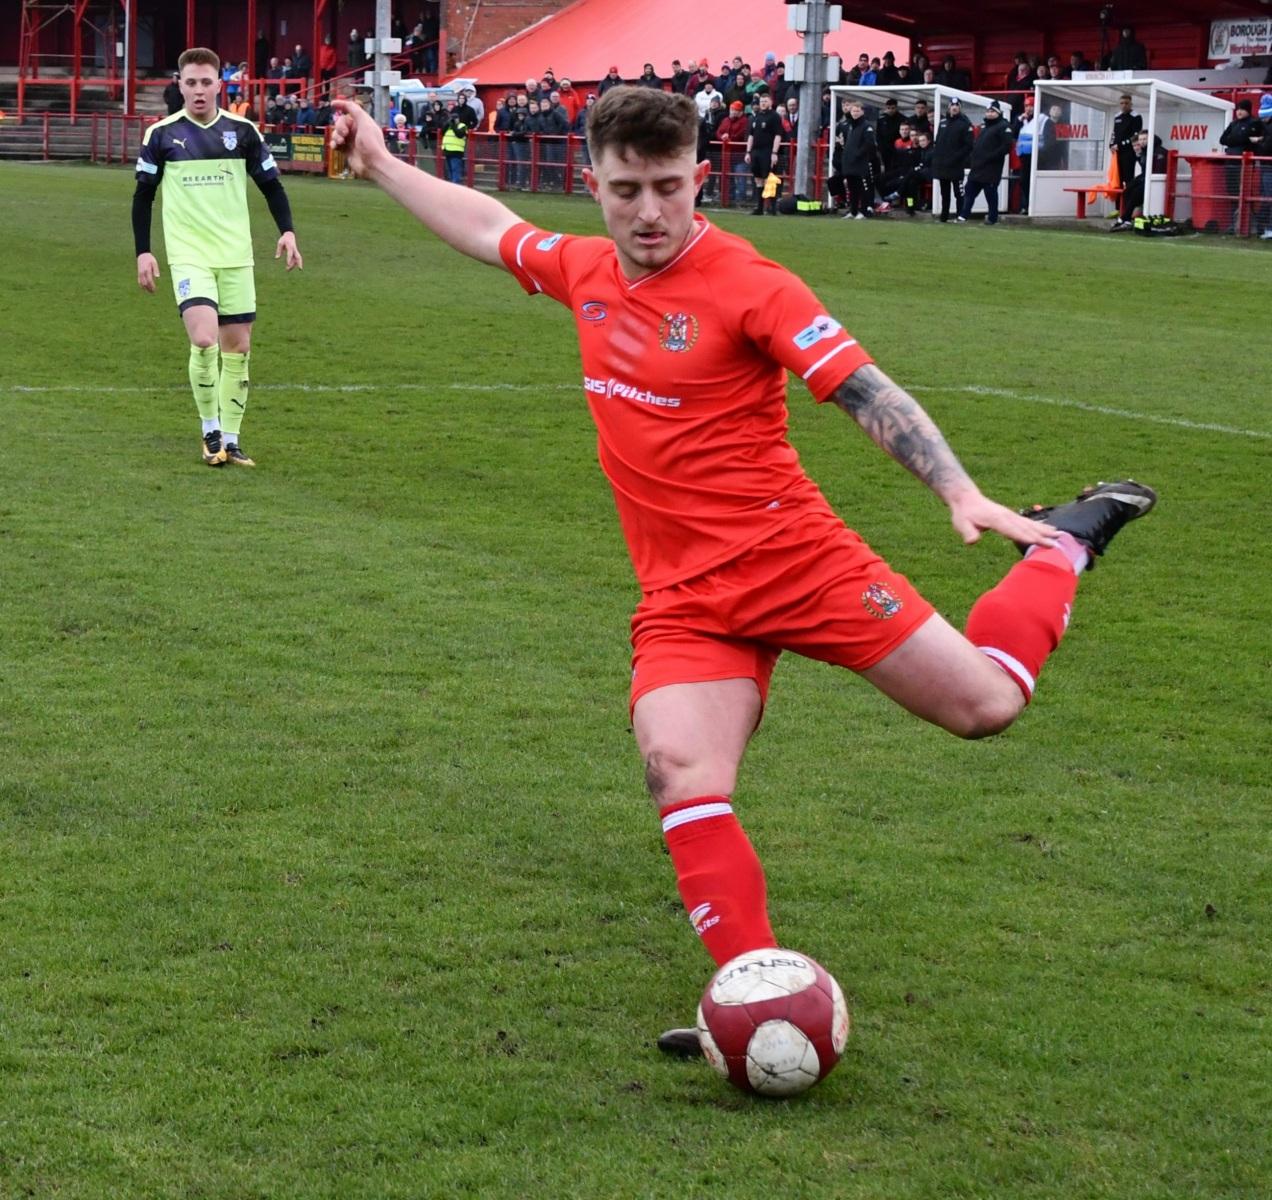 Workington-Reds-v-Ossett-Utd-Ben-Challis-22-scaled